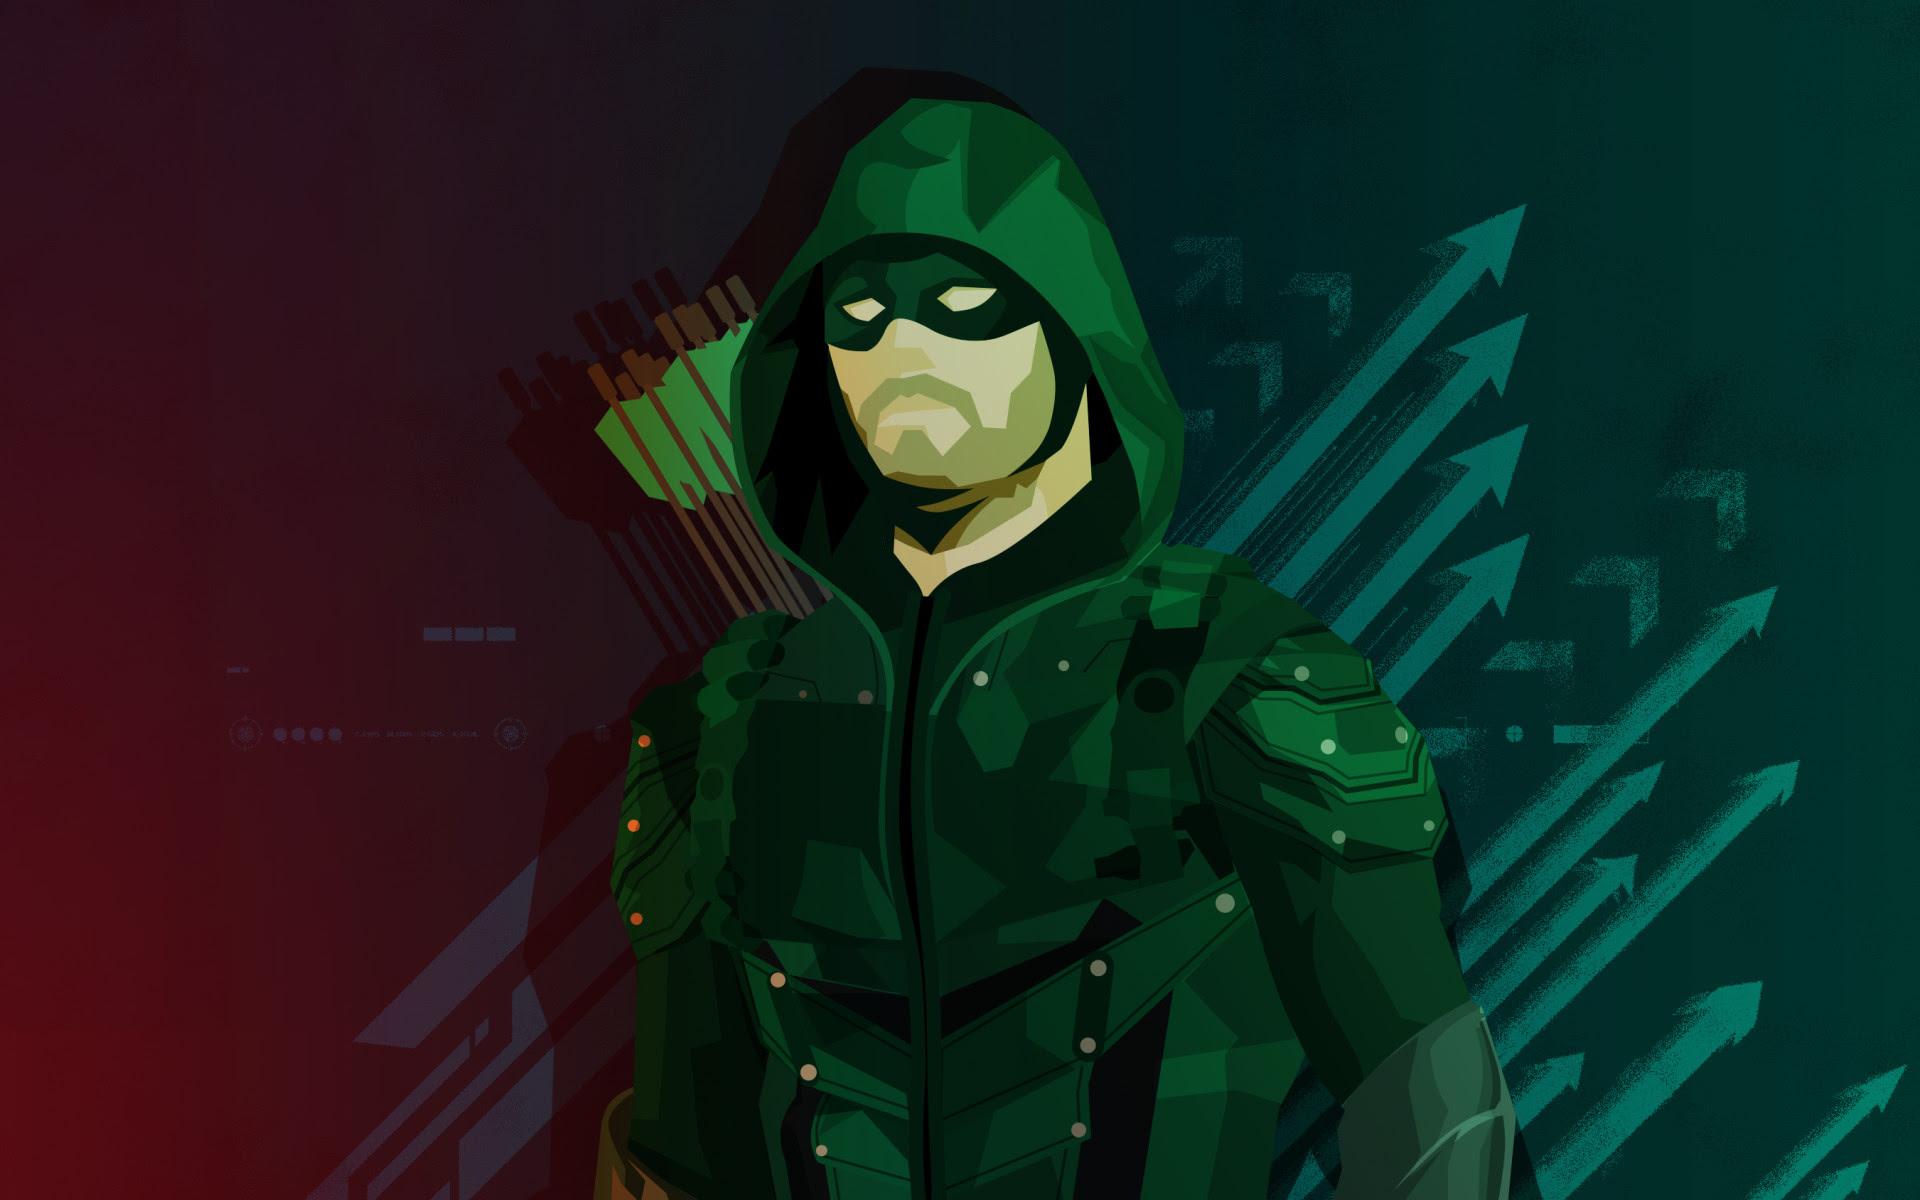 Green Arrow Wallpaper 1920x1080 79 Images